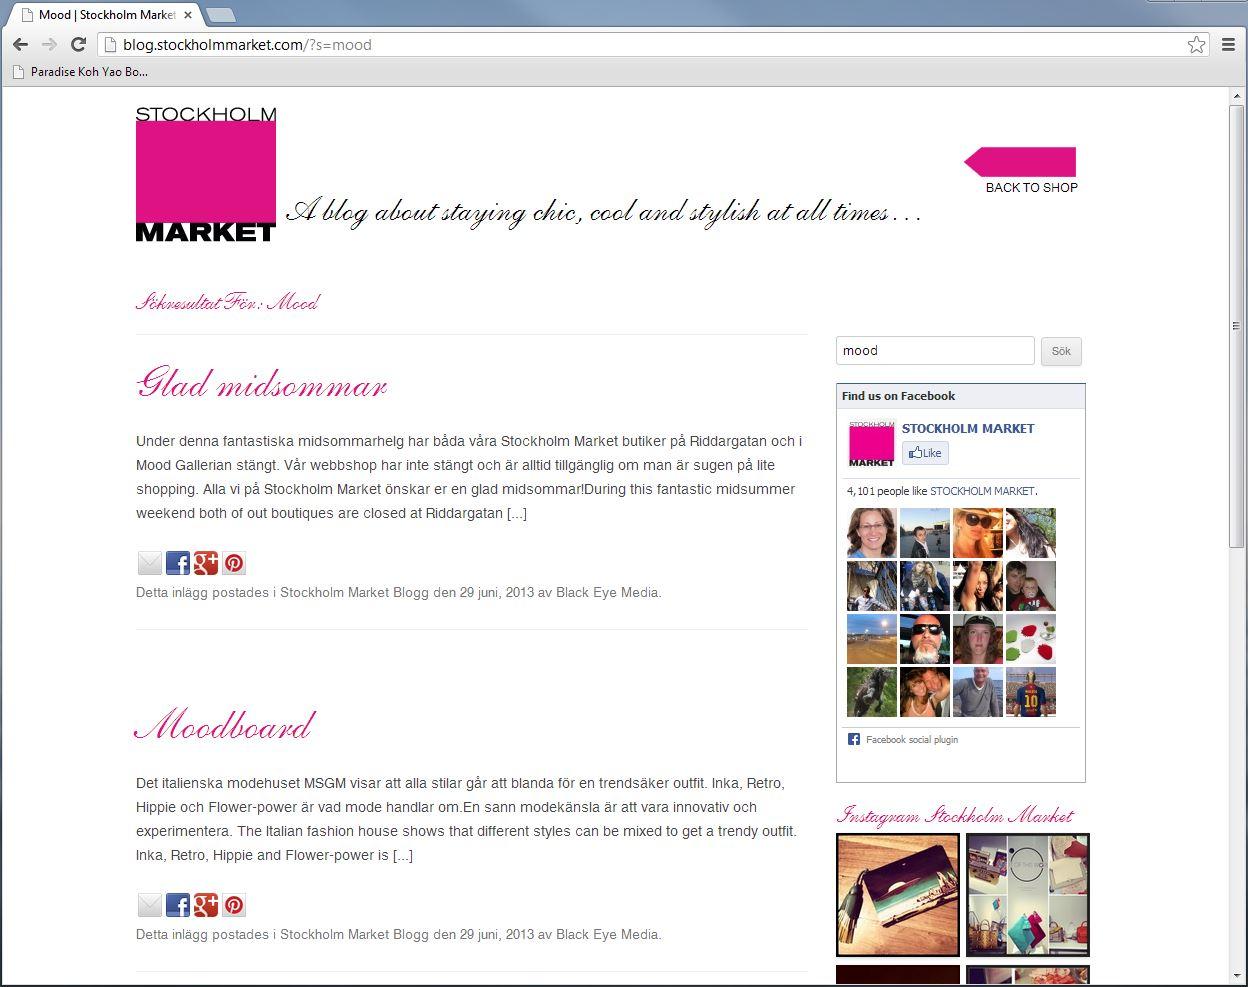 47da596e507 Produktion Hemsida / blogg för Stockholm Market AB. WordPress baserat  design och fuktion